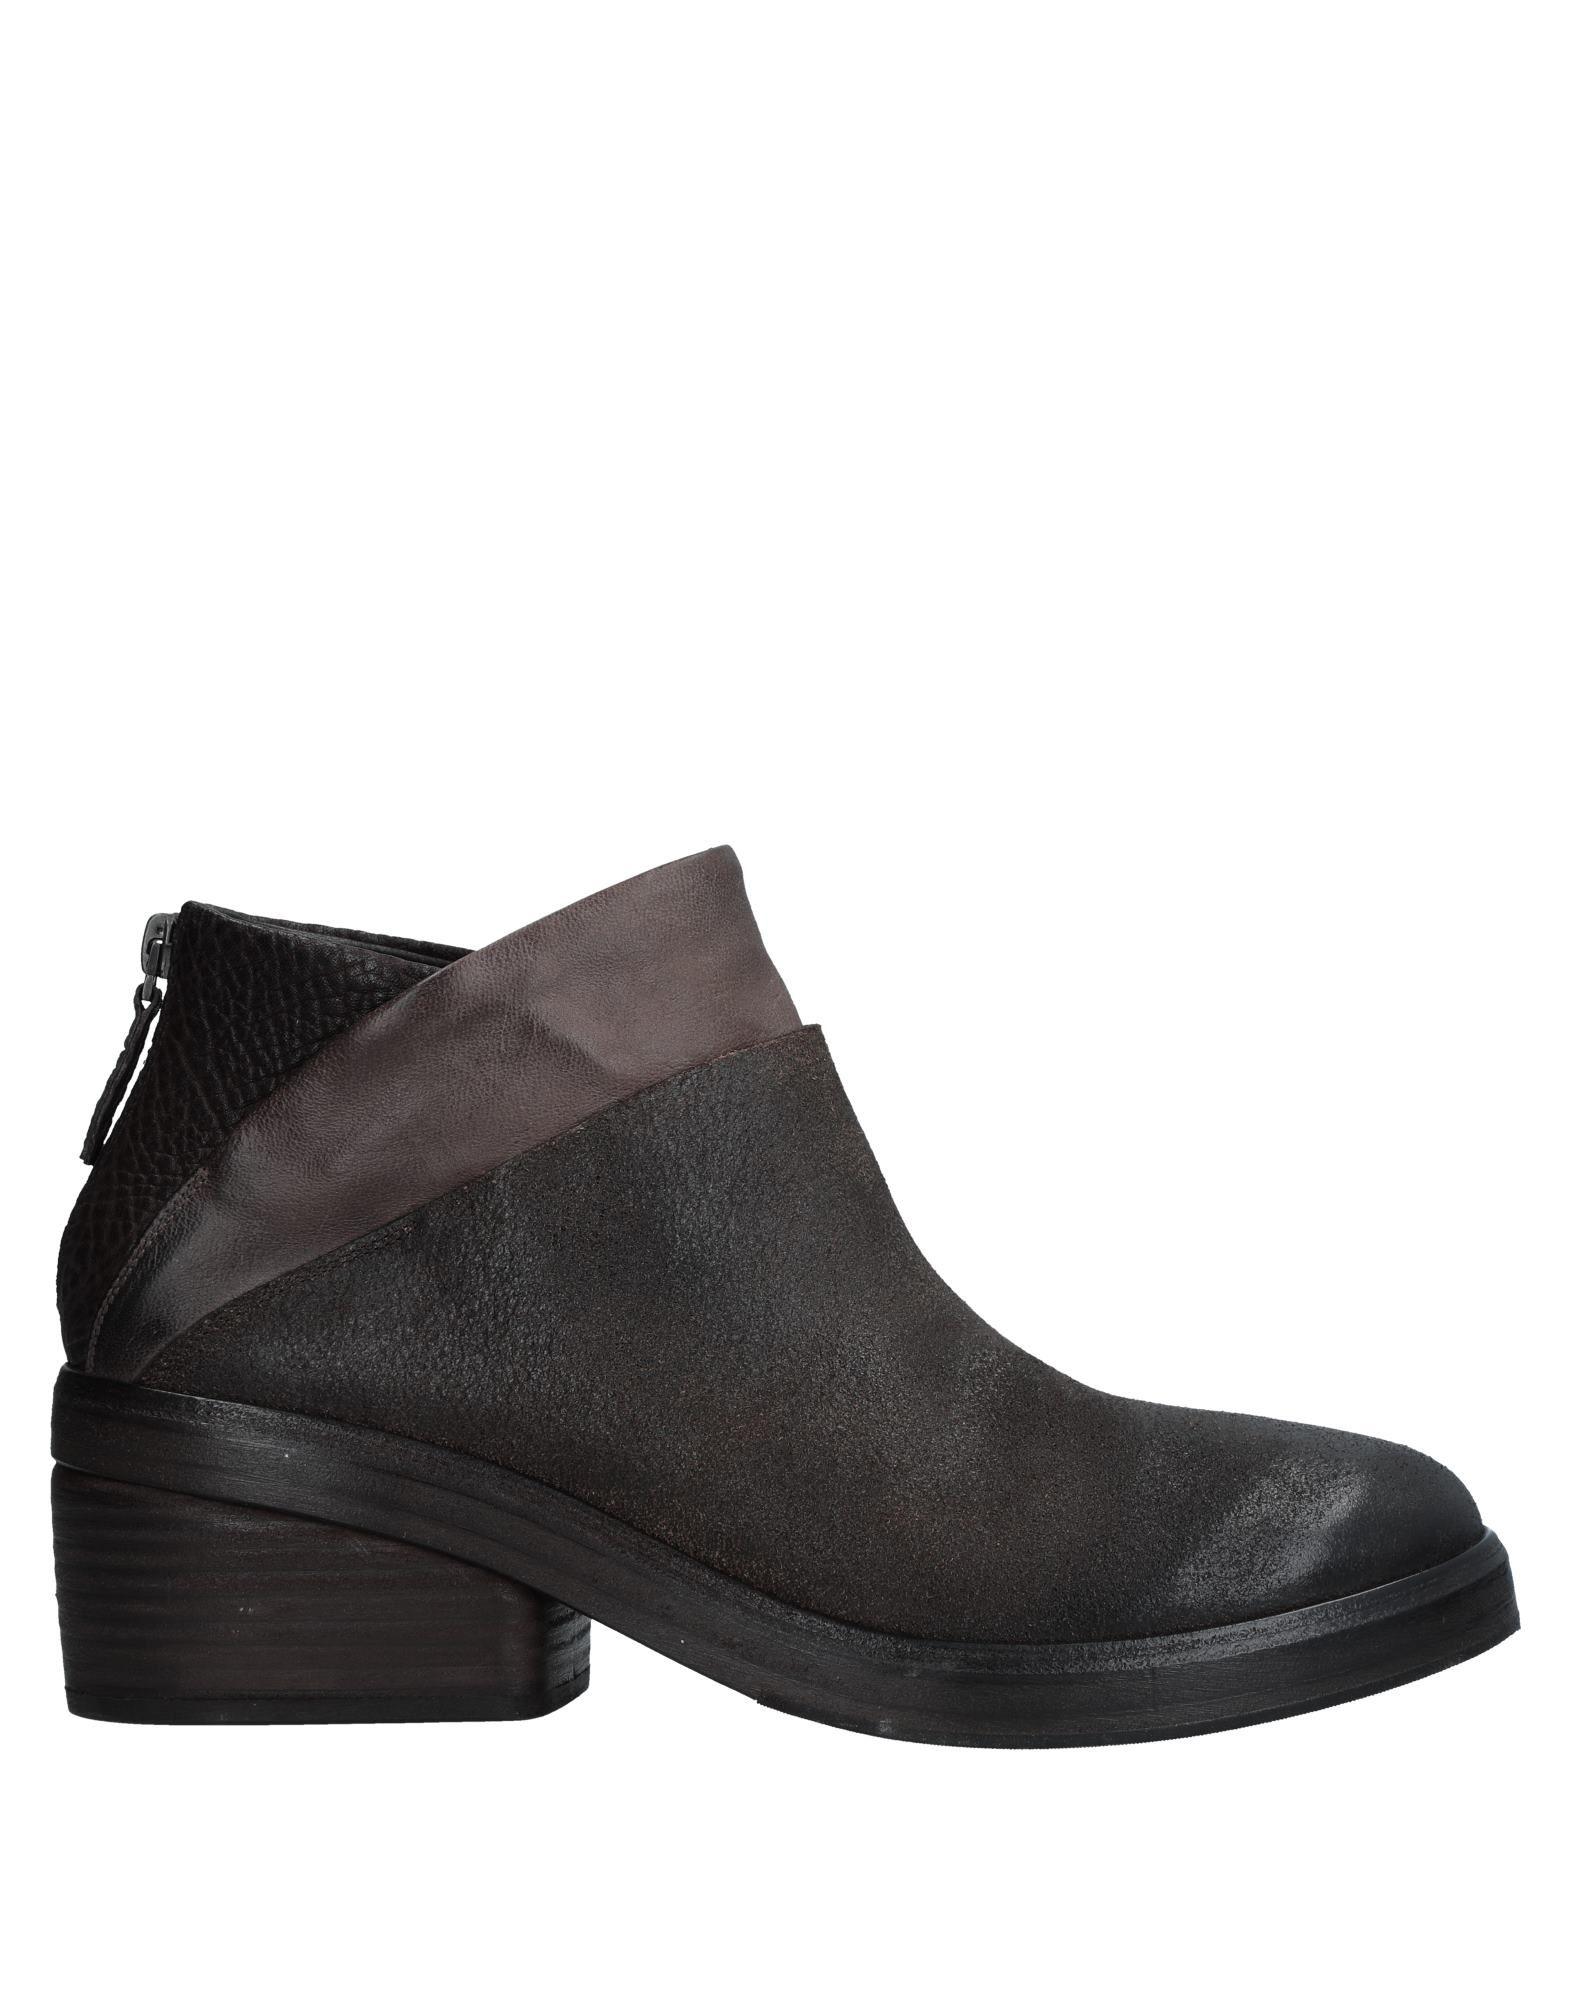 Marsèll Stiefelette Damen  11529828XPGünstige gut aussehende Schuhe